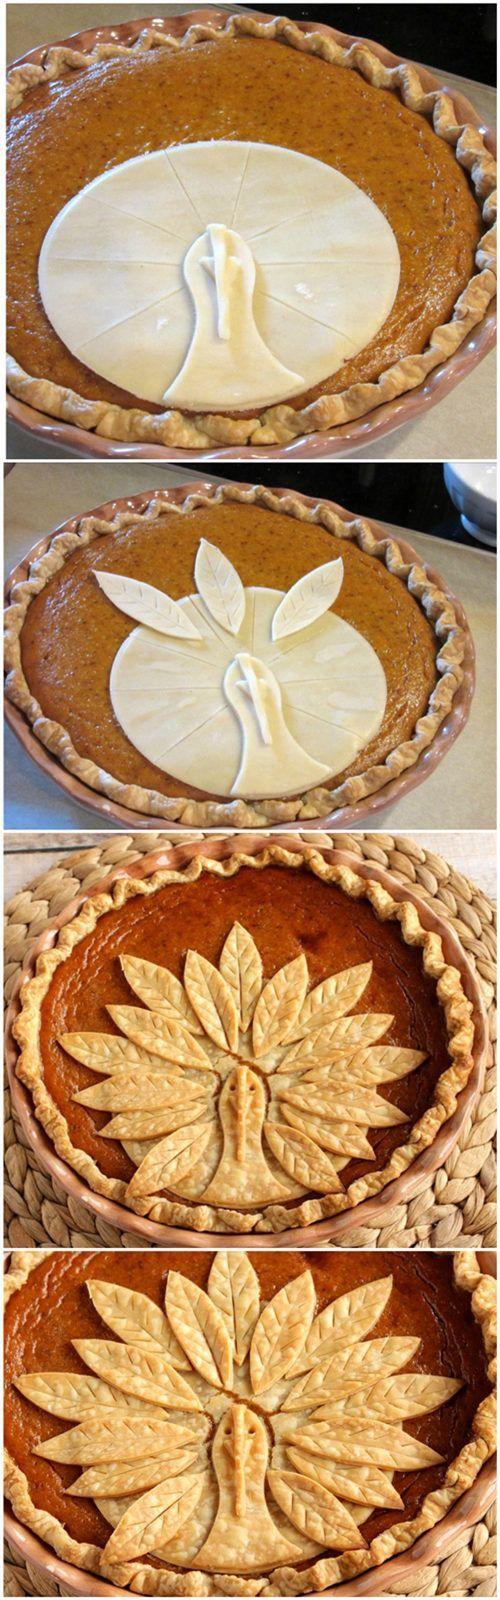 Thanksgiving Pie Garland | Martha stewart crafts, Apple pie and ...